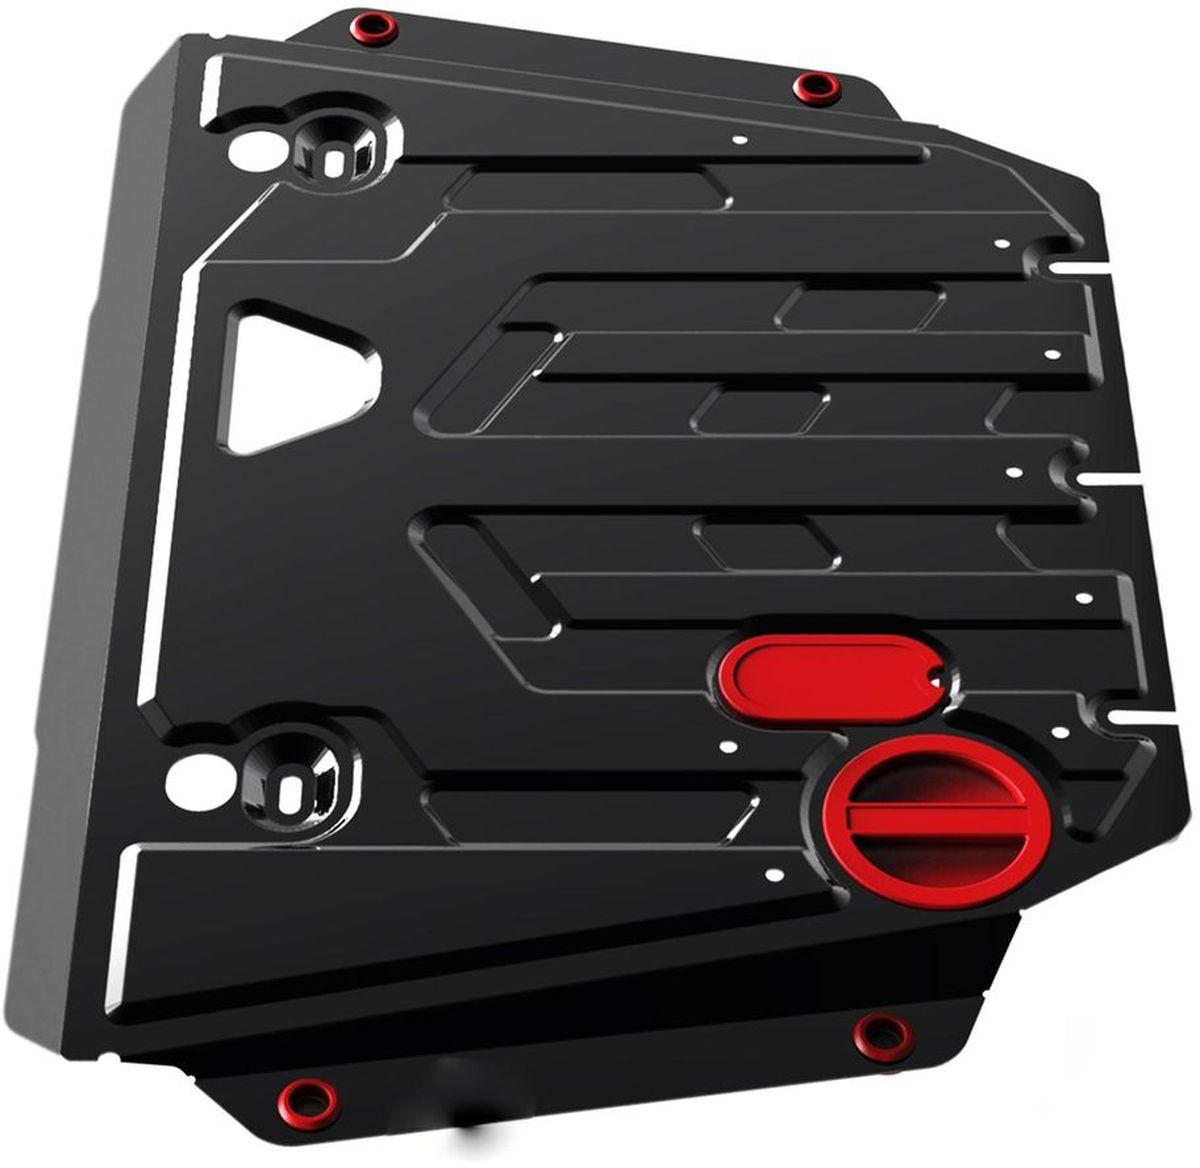 Защита картера и КПП Автоброня, для Hyundai ix55 V - 3,8 (2008-2013)111.02306.1Технологически совершенный продукт за невысокую стоимость. Защита разработана с учетом особенностей днища автомобиля, что позволяет сохранить дорожный просвет с минимальным изменением. Защита устанавливается в штатные места кузова автомобиля. Глубокий штамп обеспечивает до двух раз больше жесткости в сравнении с обычной защитой той же толщины. Проштампованные ребра жесткости препятствуют деформации защиты при ударах. Тепловой зазор и вентиляционные отверстия обеспечивают сохранение температурного режима двигателя в норме. Скрытый крепеж предотвращает срыв крепежных элементов при наезде на препятствие. Шумопоглощающие резиновые элементы обеспечивают комфортную езду без вибраций и скрежета металла, а съемные лючки для слива масла и замены фильтра - экономию средств и время. Конструкция изделия не влияет на пассивную безопасность автомобиля (при ударе защита не воздействует на деформационные зоны кузова). Со штатным крепежом. В комплекте инструкция по установке....